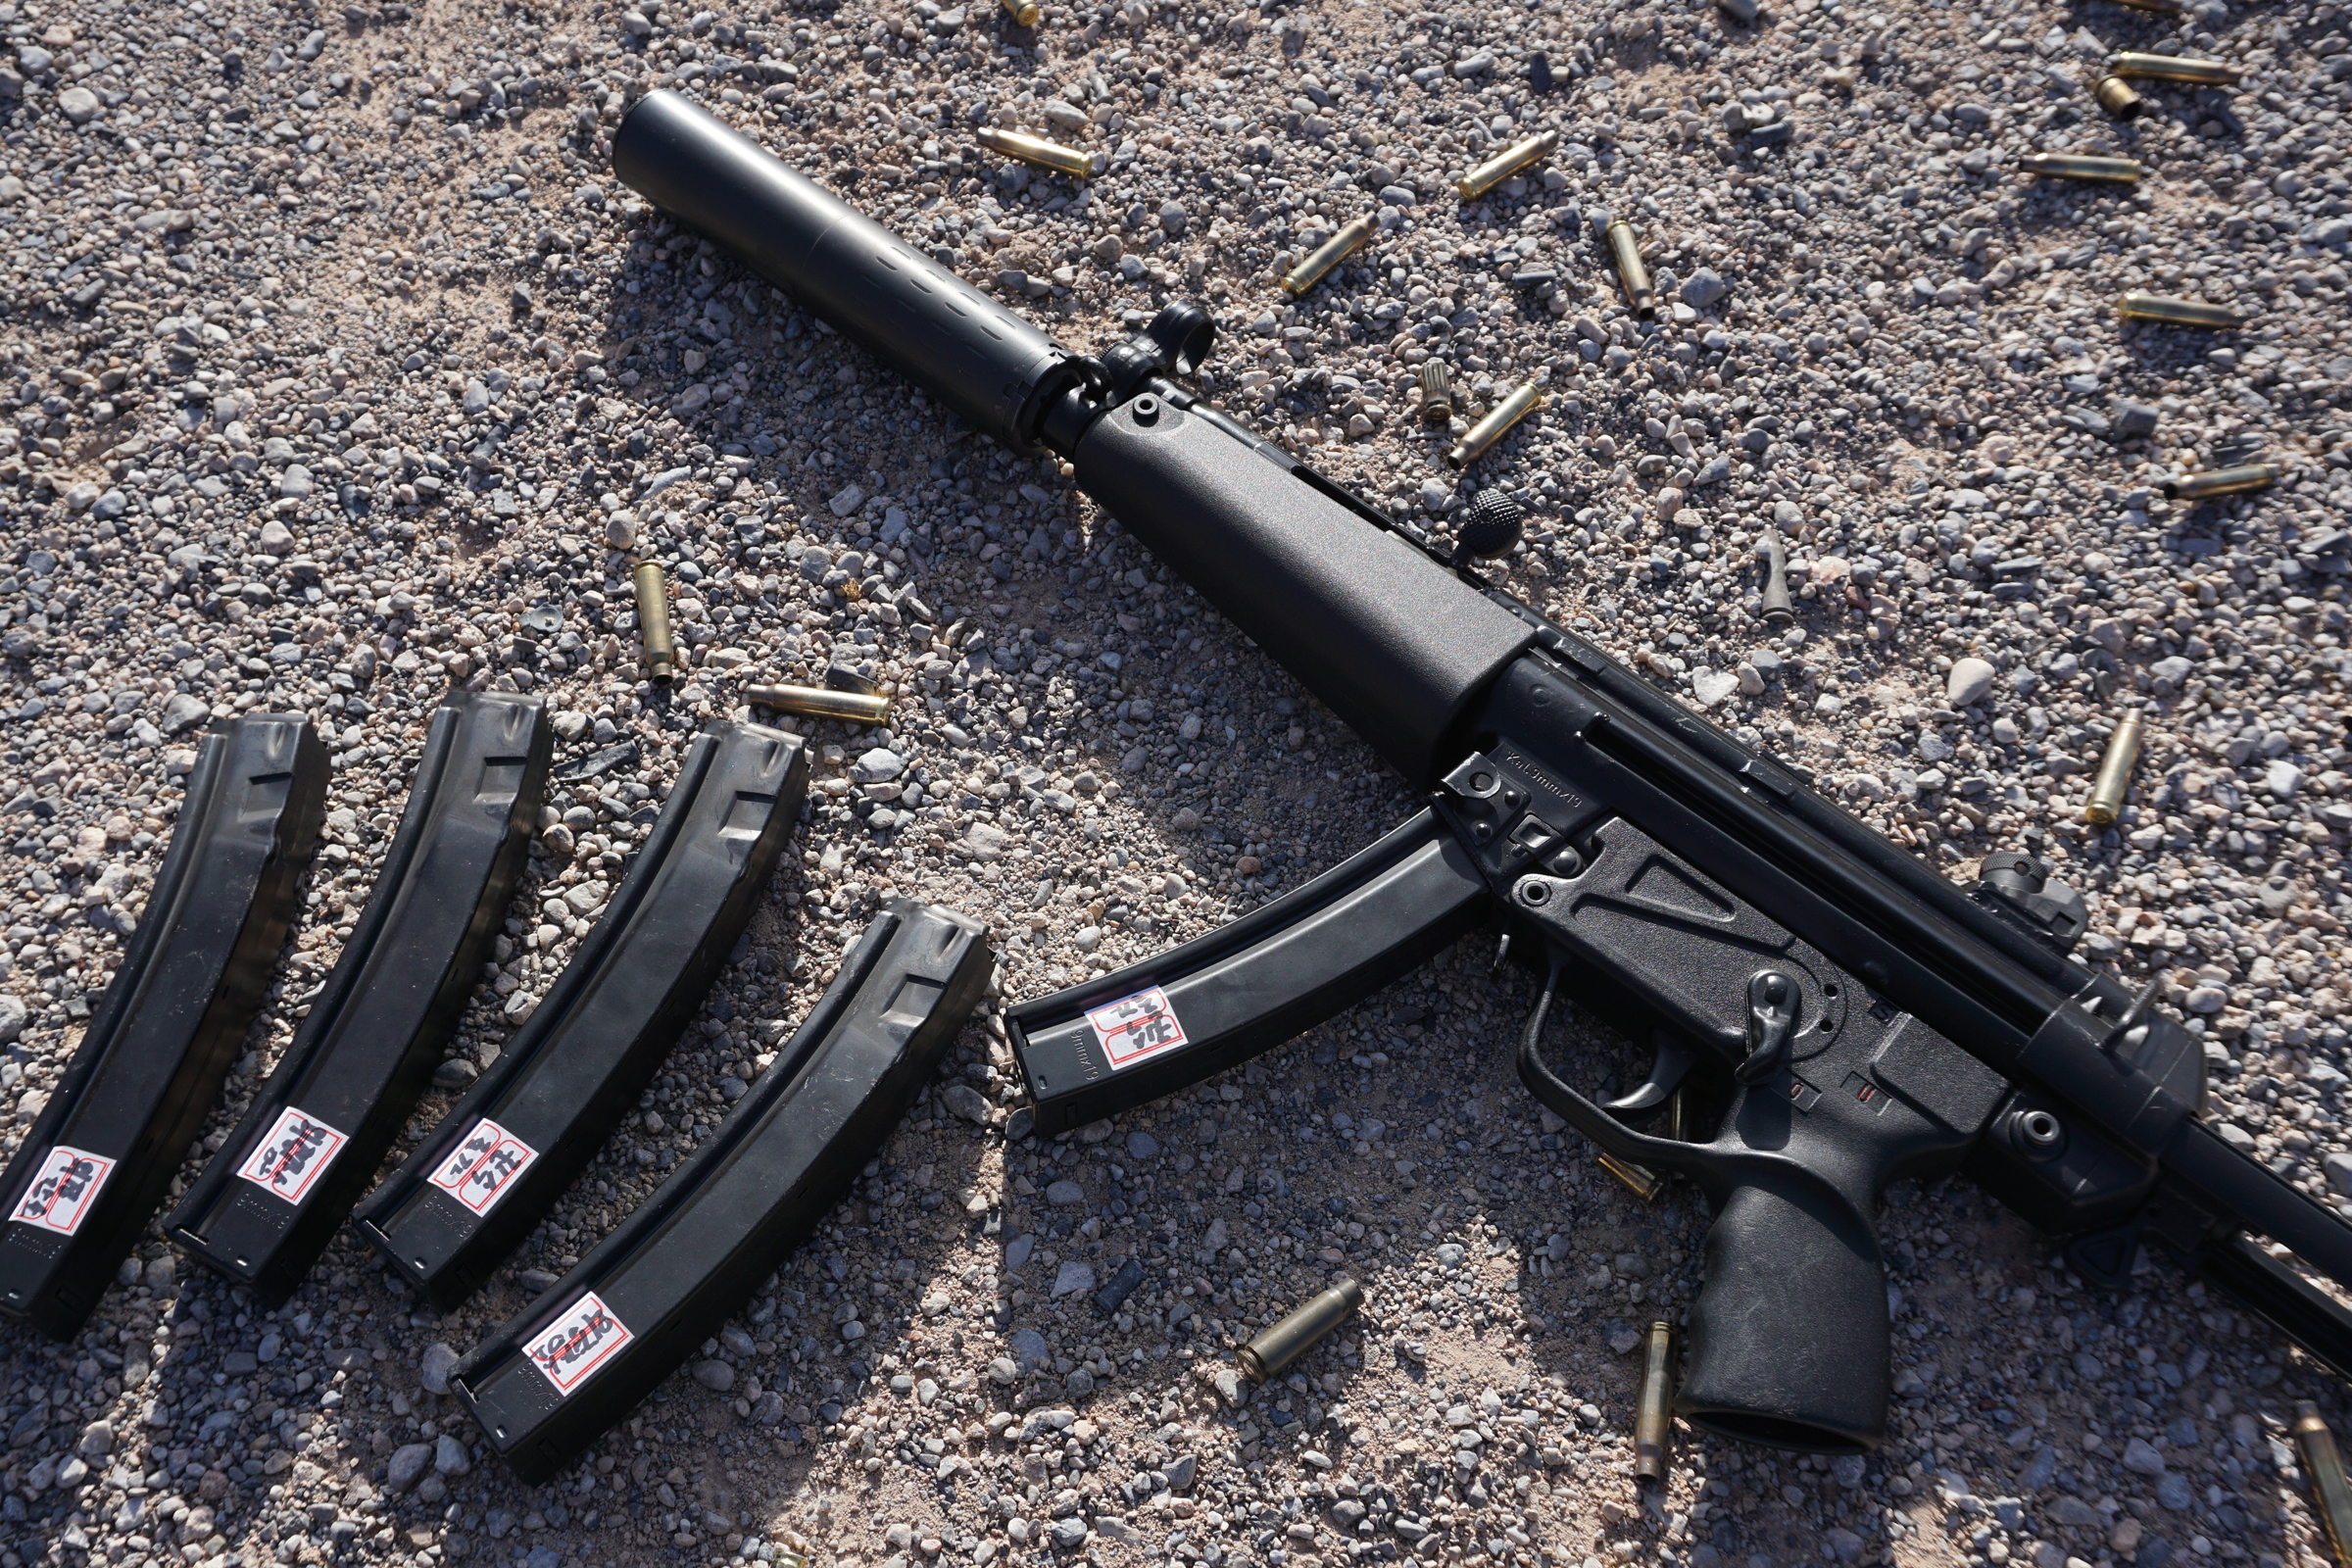 Gen 2 MP5 30rd Magazine @ DSRPC Las Vegas-hk-5.jpg